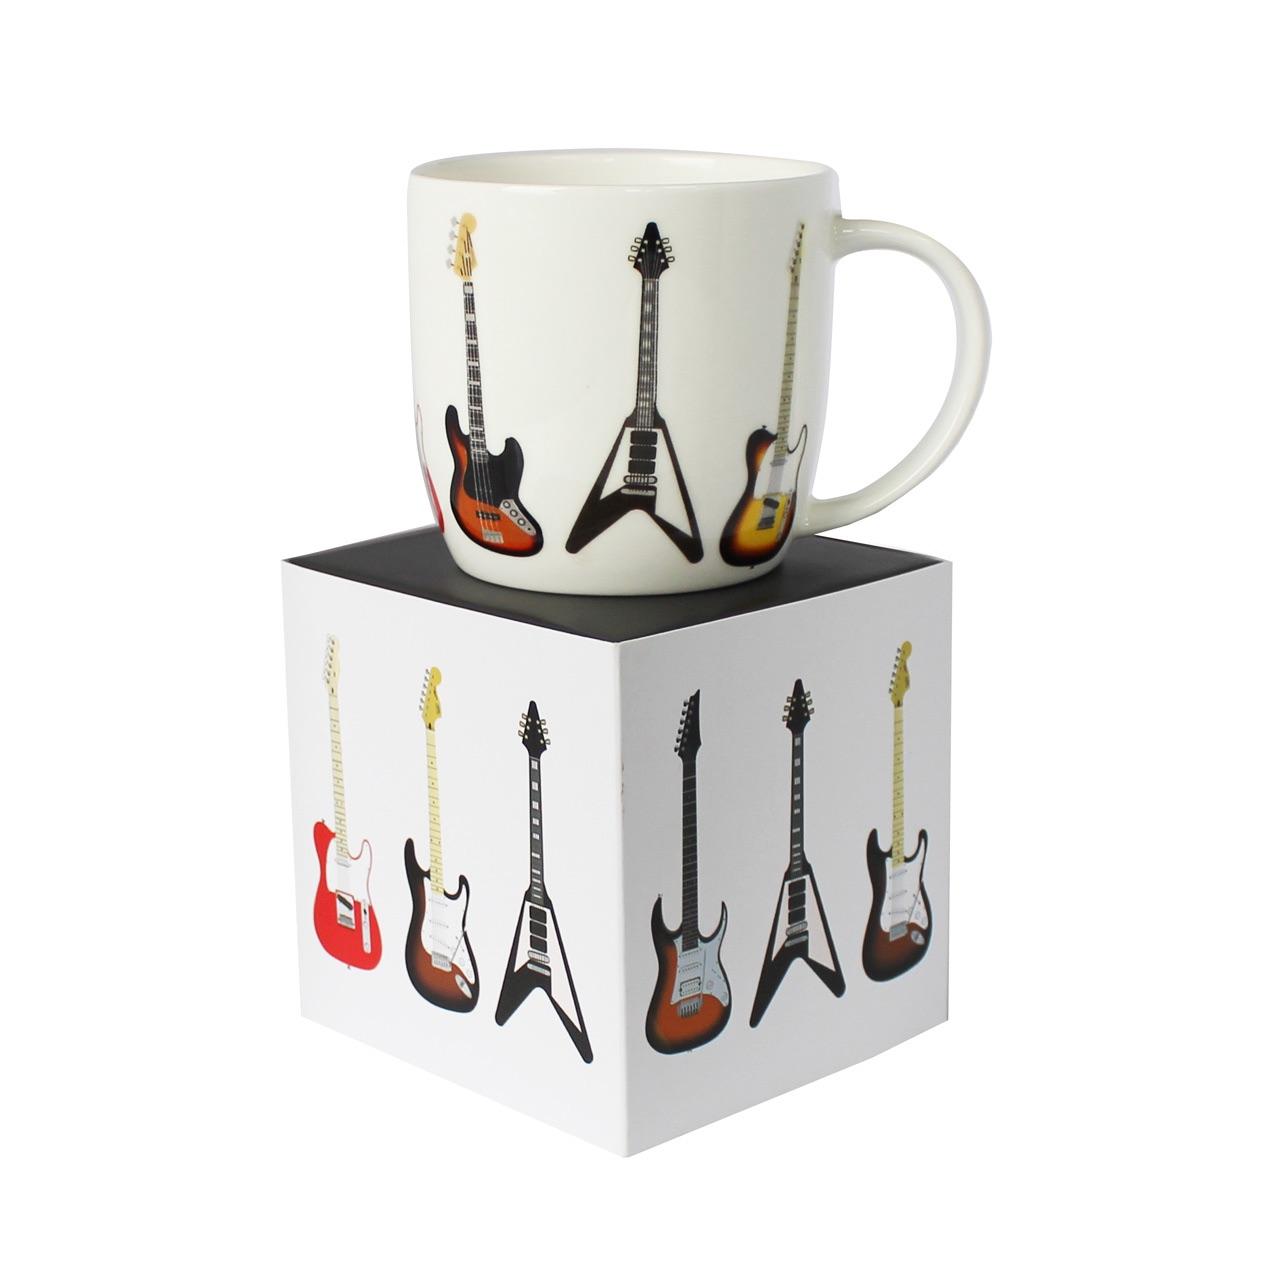 boxed guitar mugs £9.95